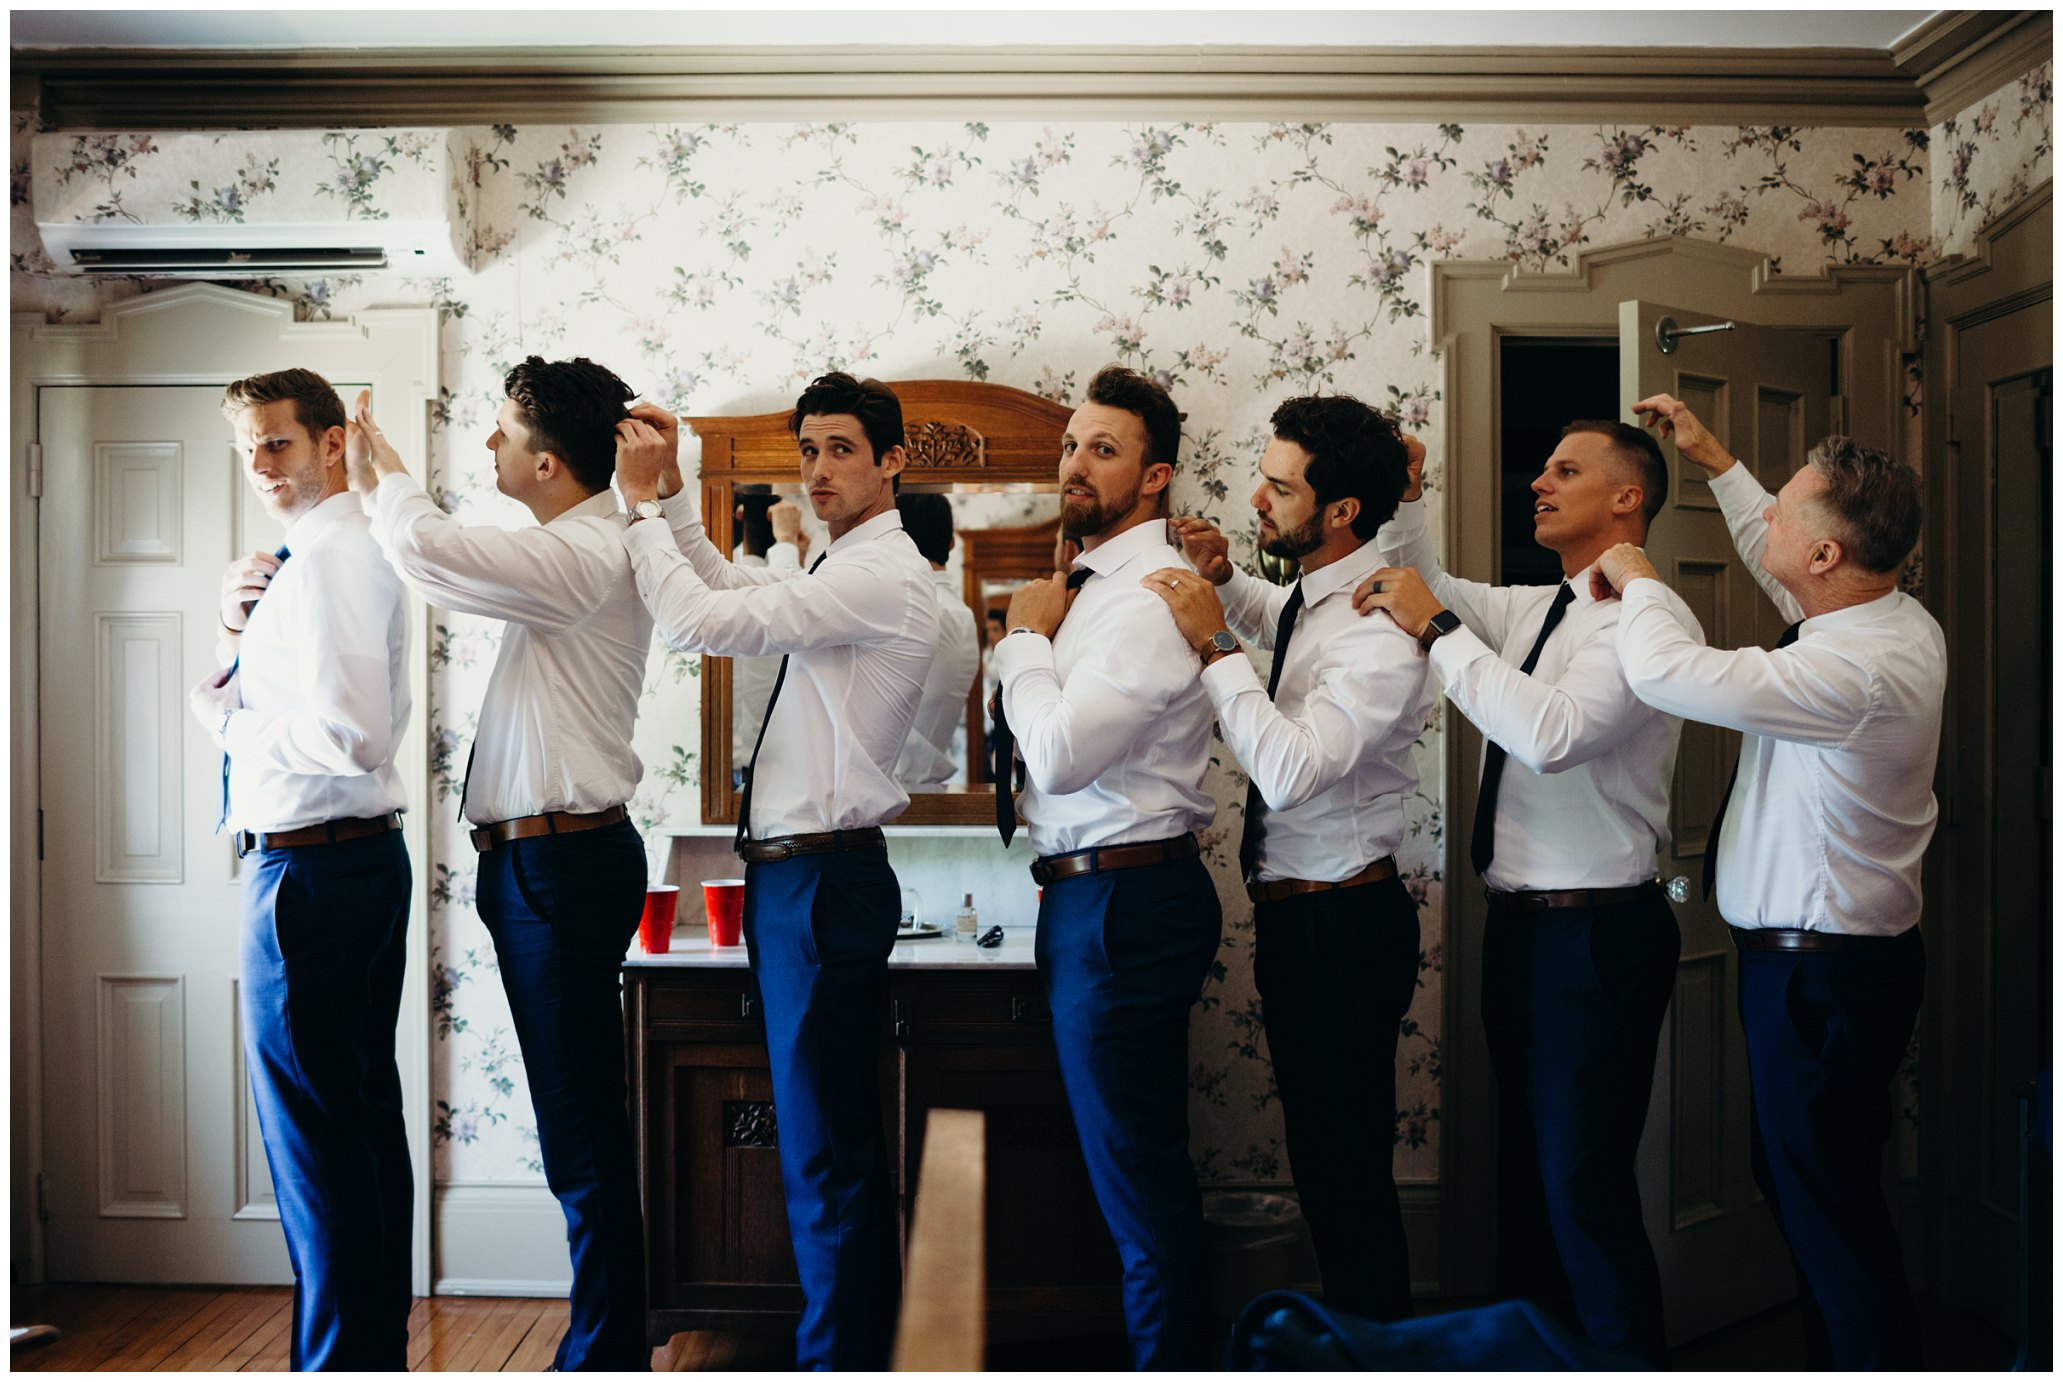 creative groomsmen getting ready shot, felt mansion wedding